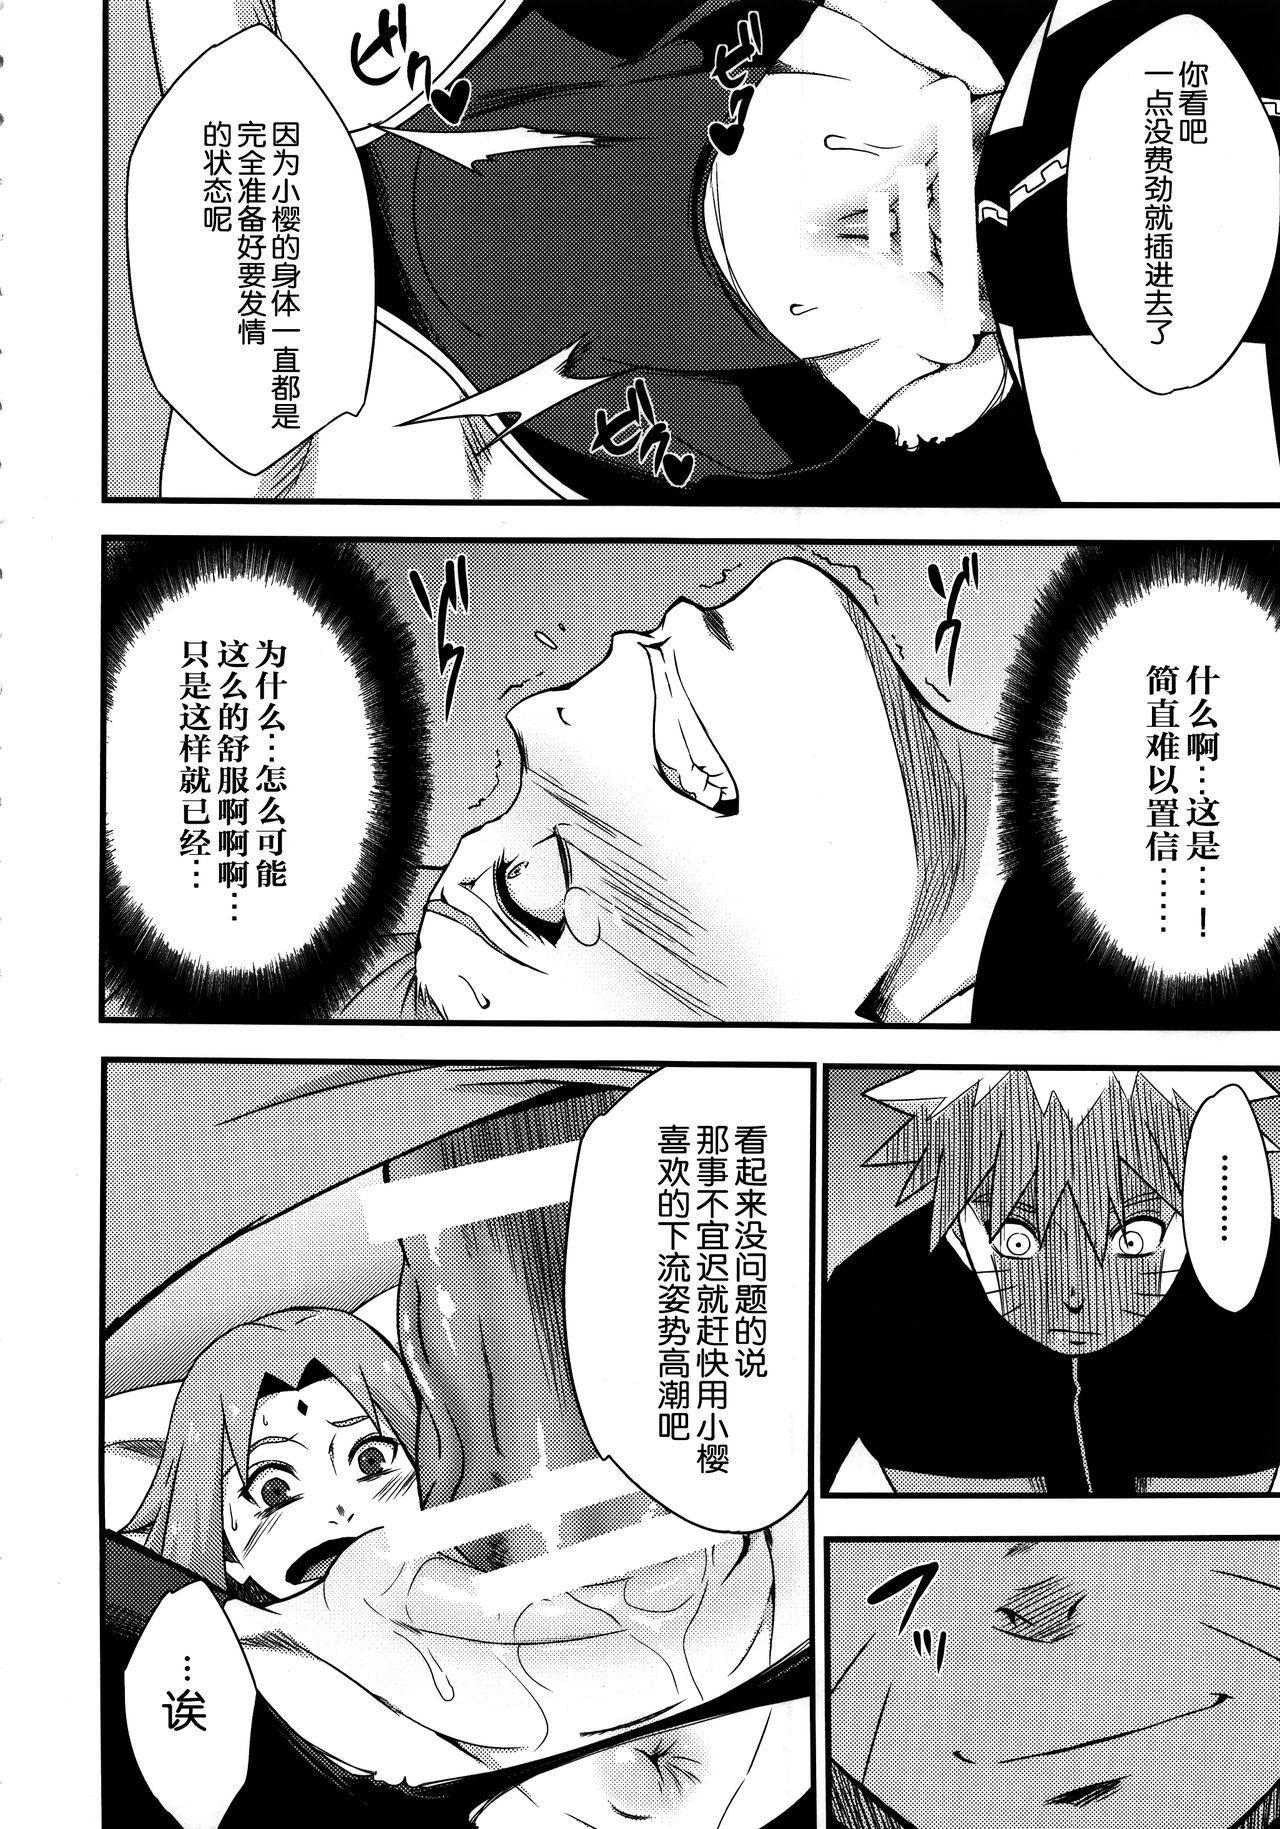 Botan to Sakura 7